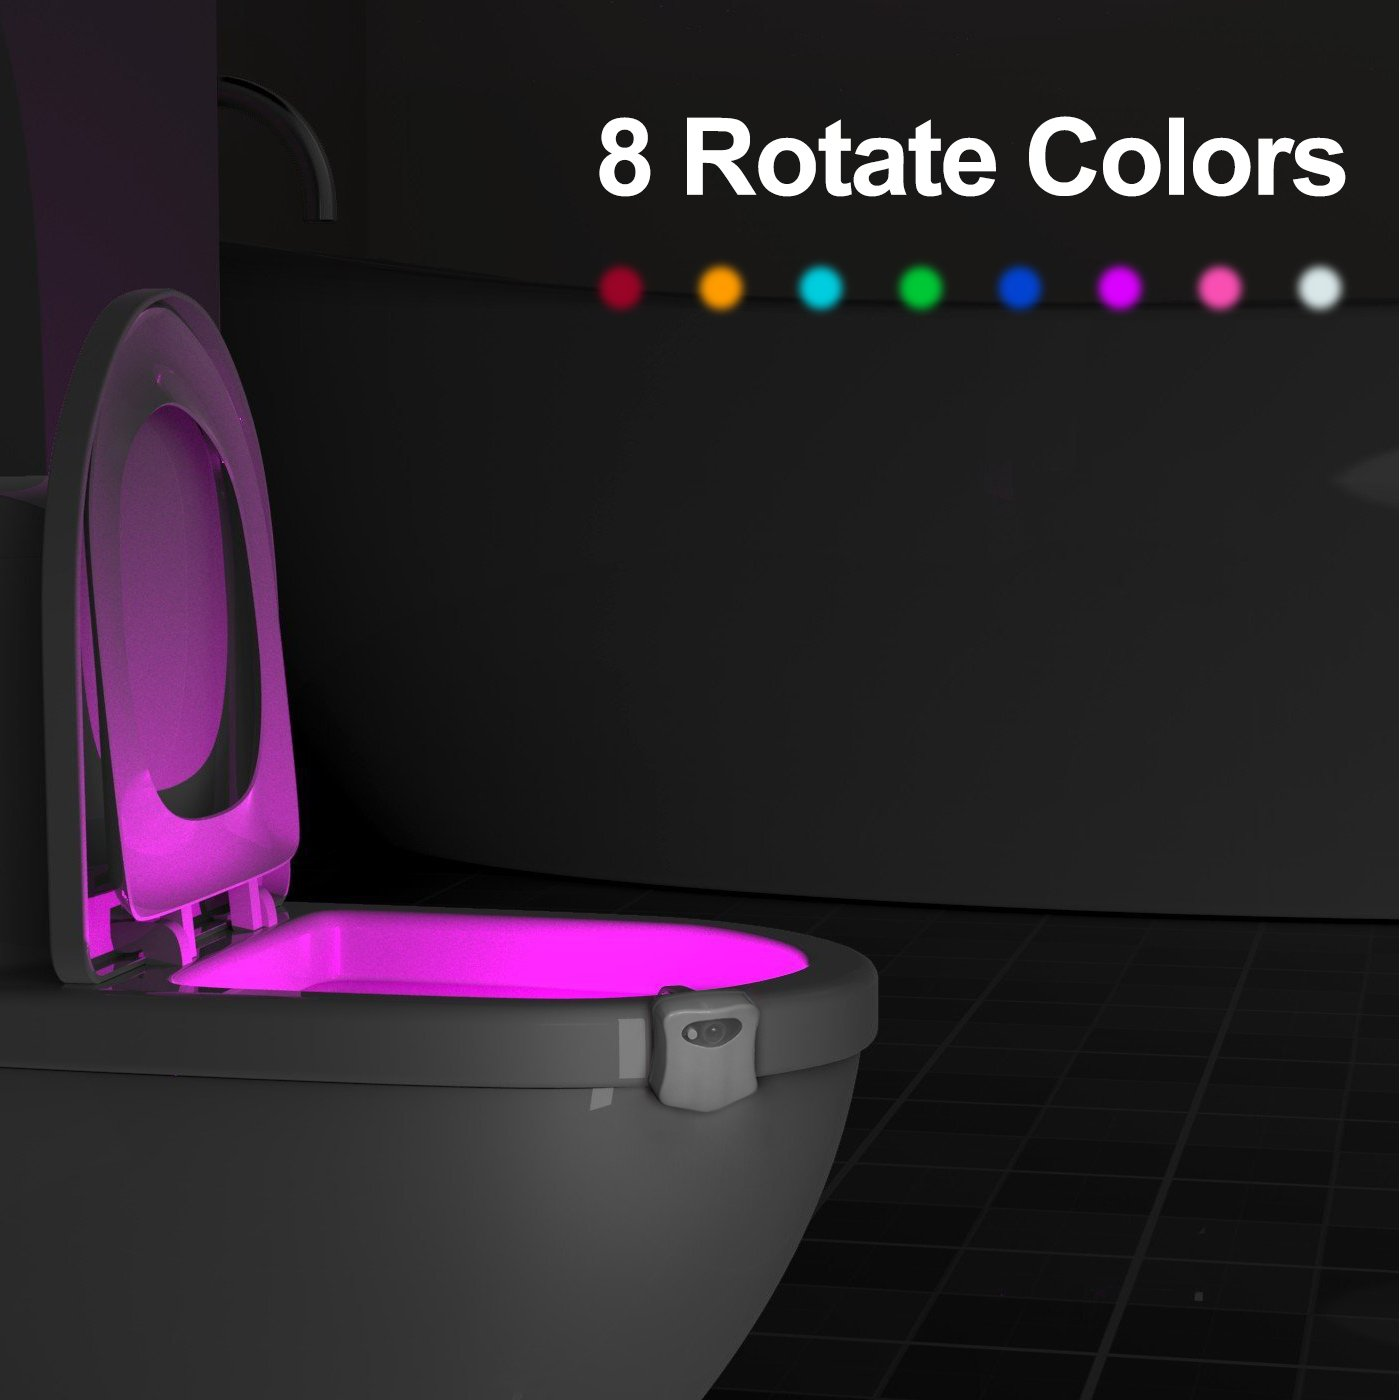 Salle De Wc Toilette Veilleuse Pour Led Eclairage Mouvement Lampe Bainseau Détecteur QxdBrCoeW